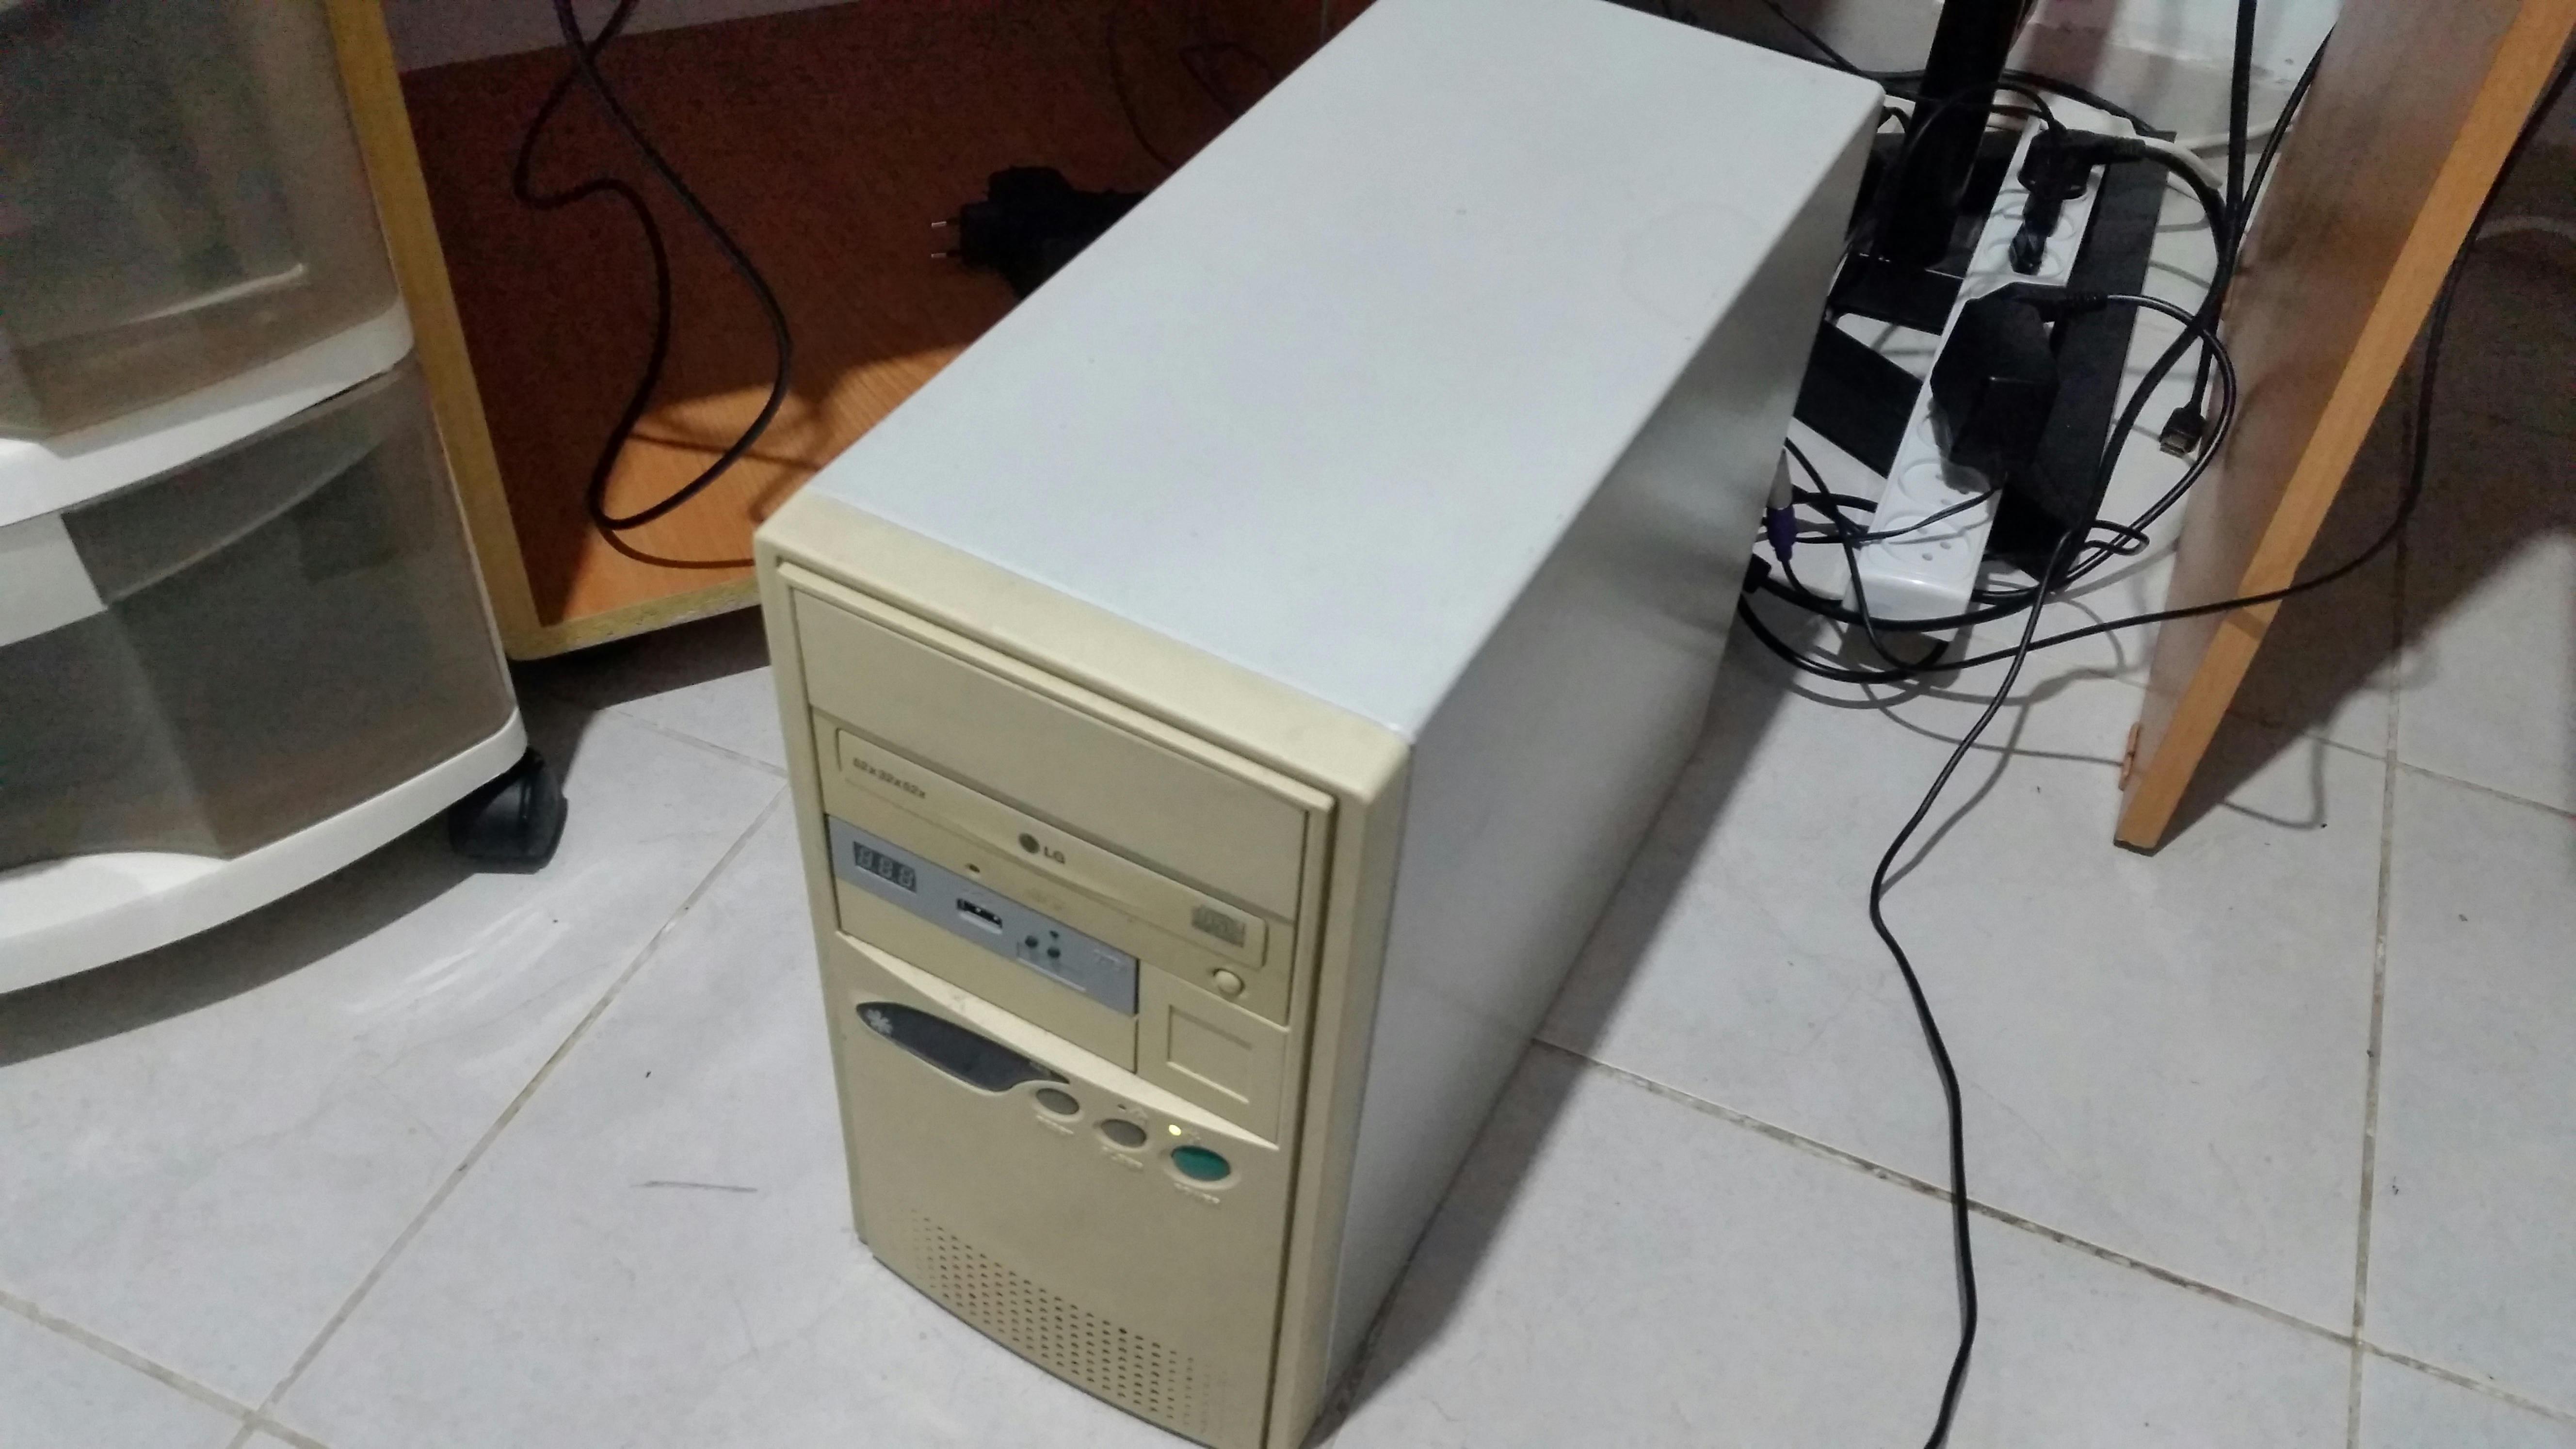 Pentium 233 mmx